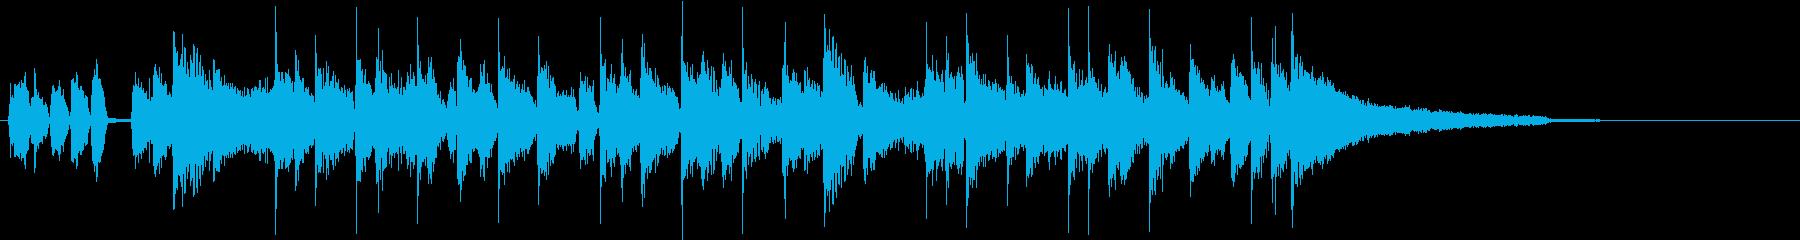 明るいブラスサウンドのオープニング曲の再生済みの波形